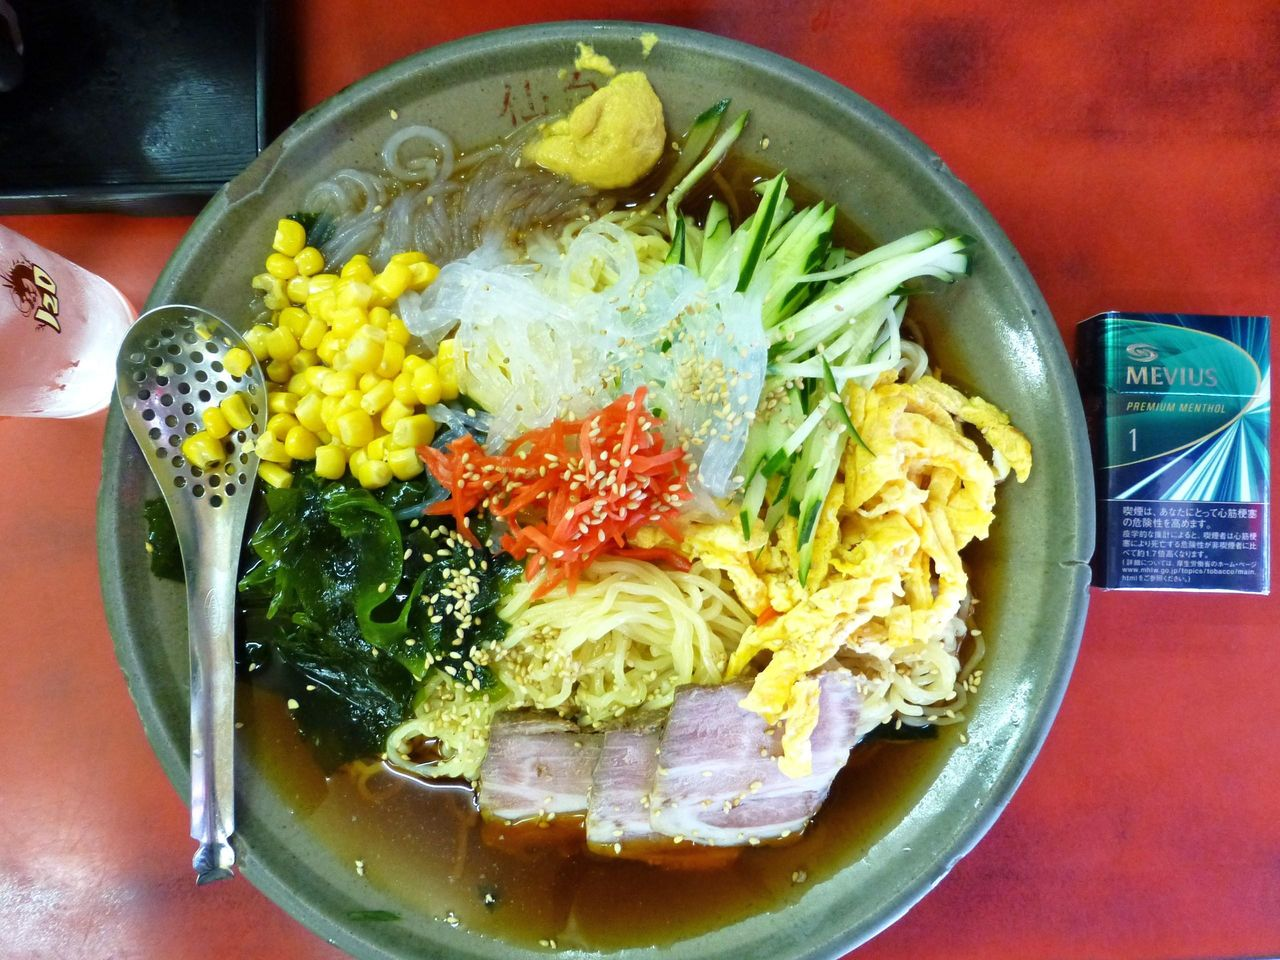 冷し中華大盛は、直径30センチのデカ皿を使用!